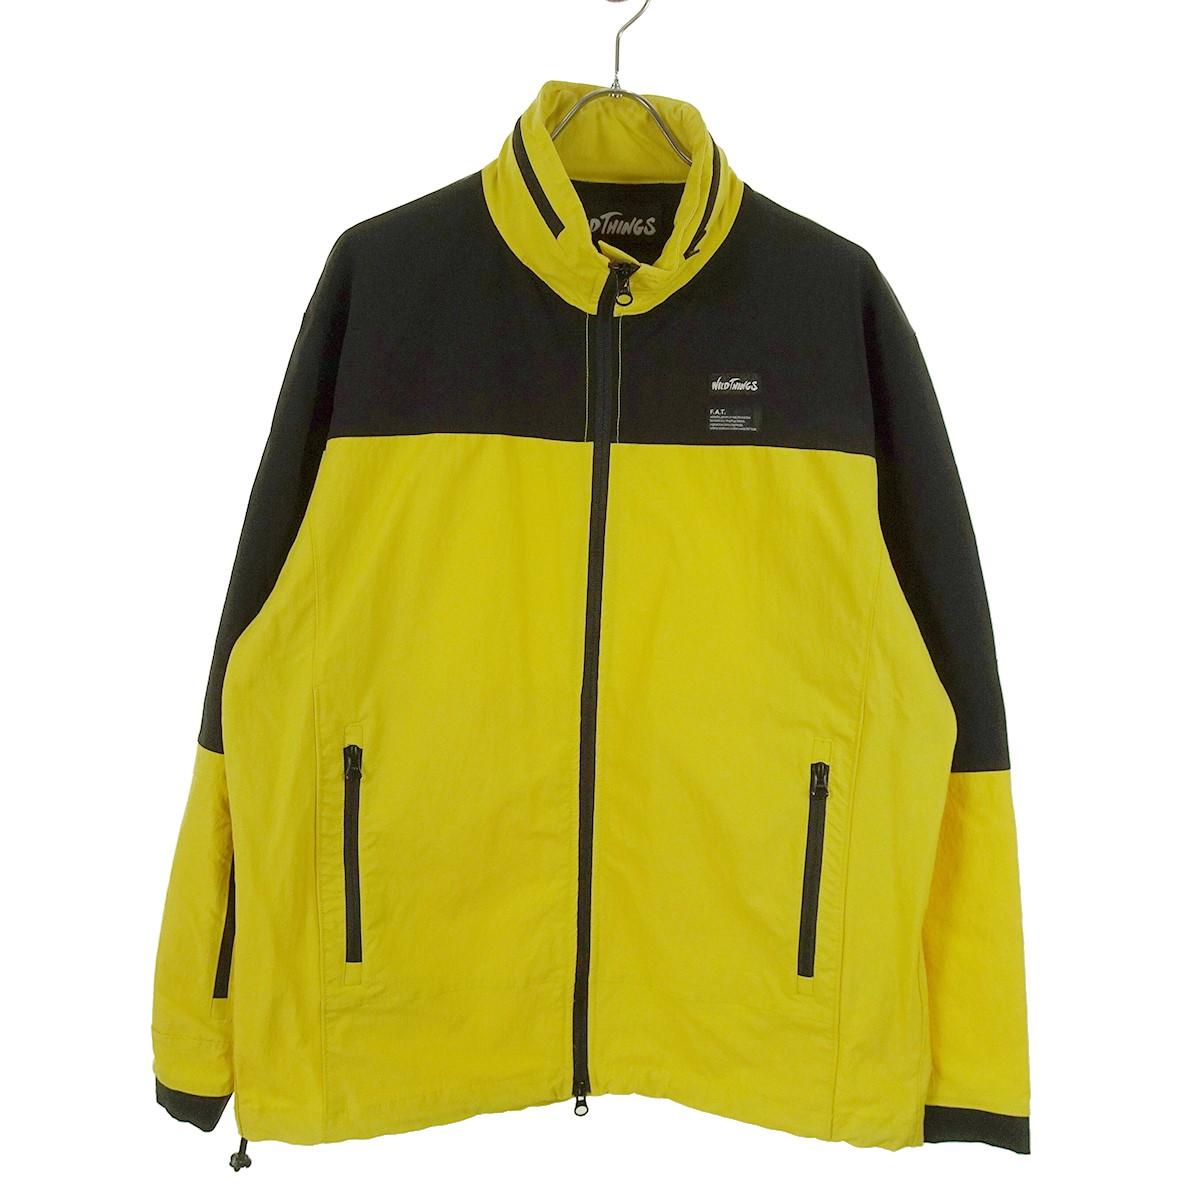 【中古】FAT×WILD THINGS Wildout Jacket ナイロンジャケット 19年モデル イエロー サイズ:SKINNY(L) 【281219】(エフエーティー×ワイルドシングス)